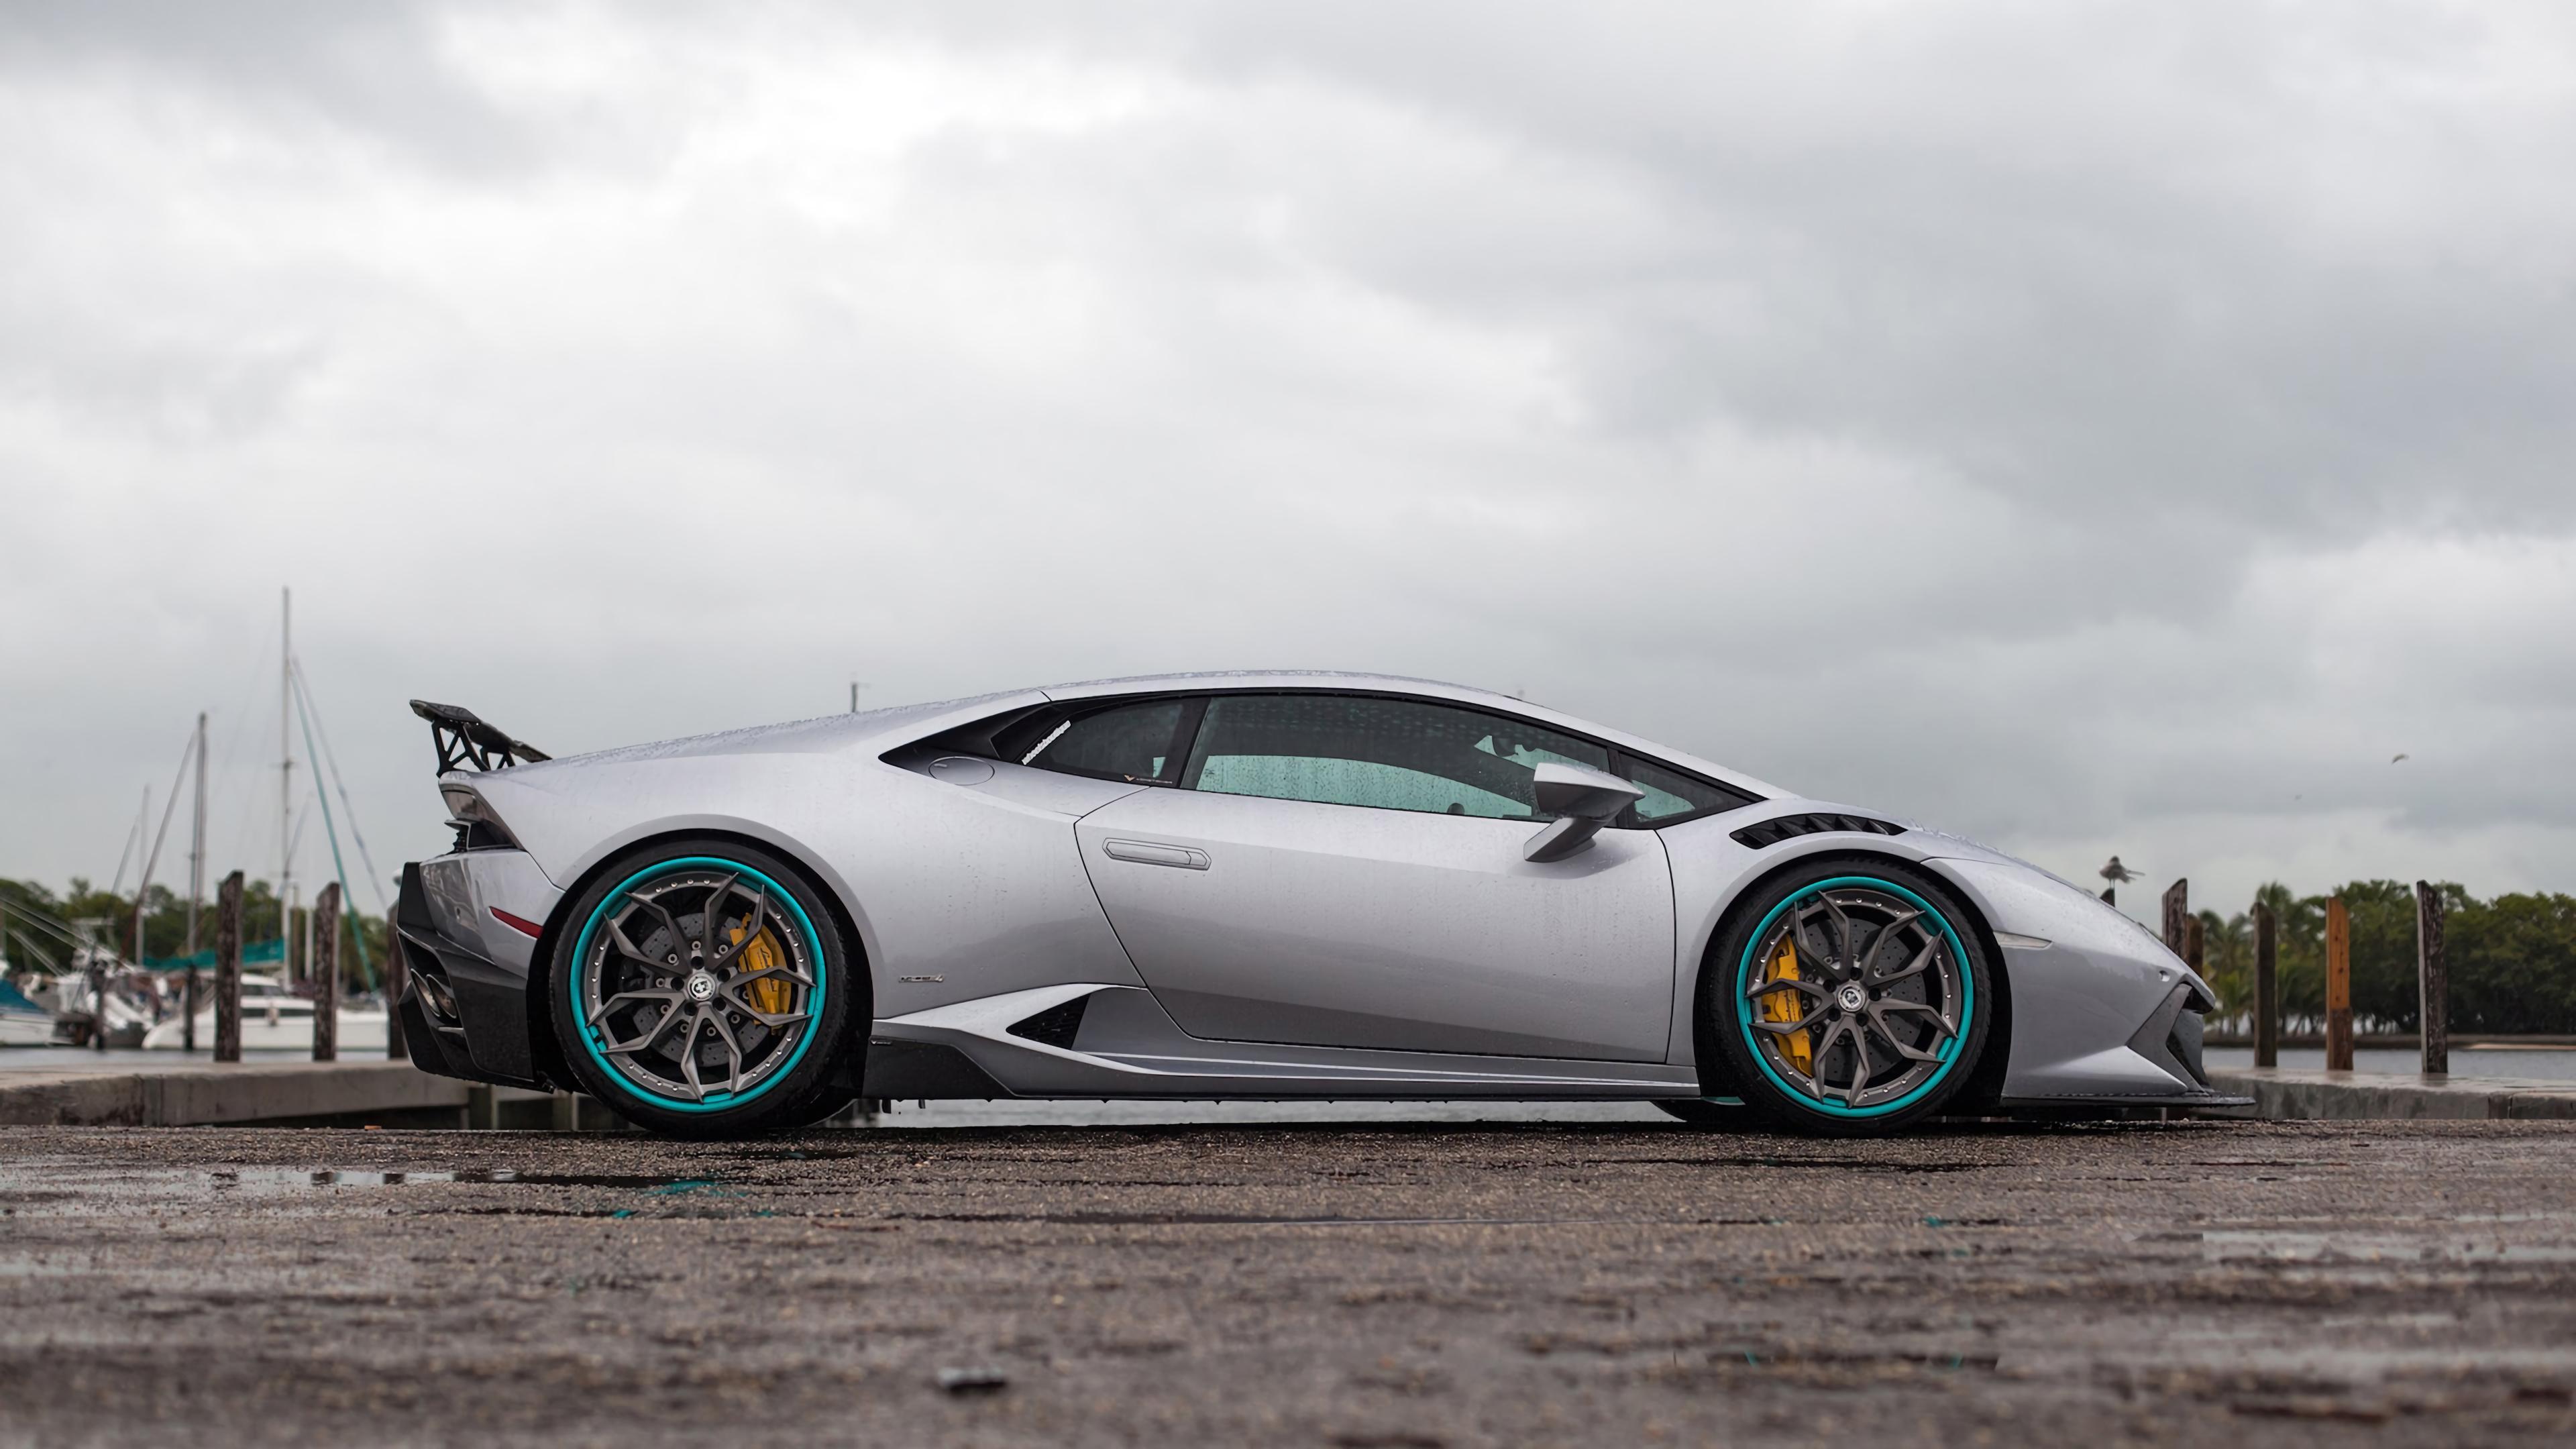 grey lamborghini huracan 2019 new 1569188587 - Grey Lamborghini Huracan 2019 New - lamborghini wallpapers, lamborghini huracan wallpapers, hd-wallpapers, cars wallpapers, 4k-wallpapers